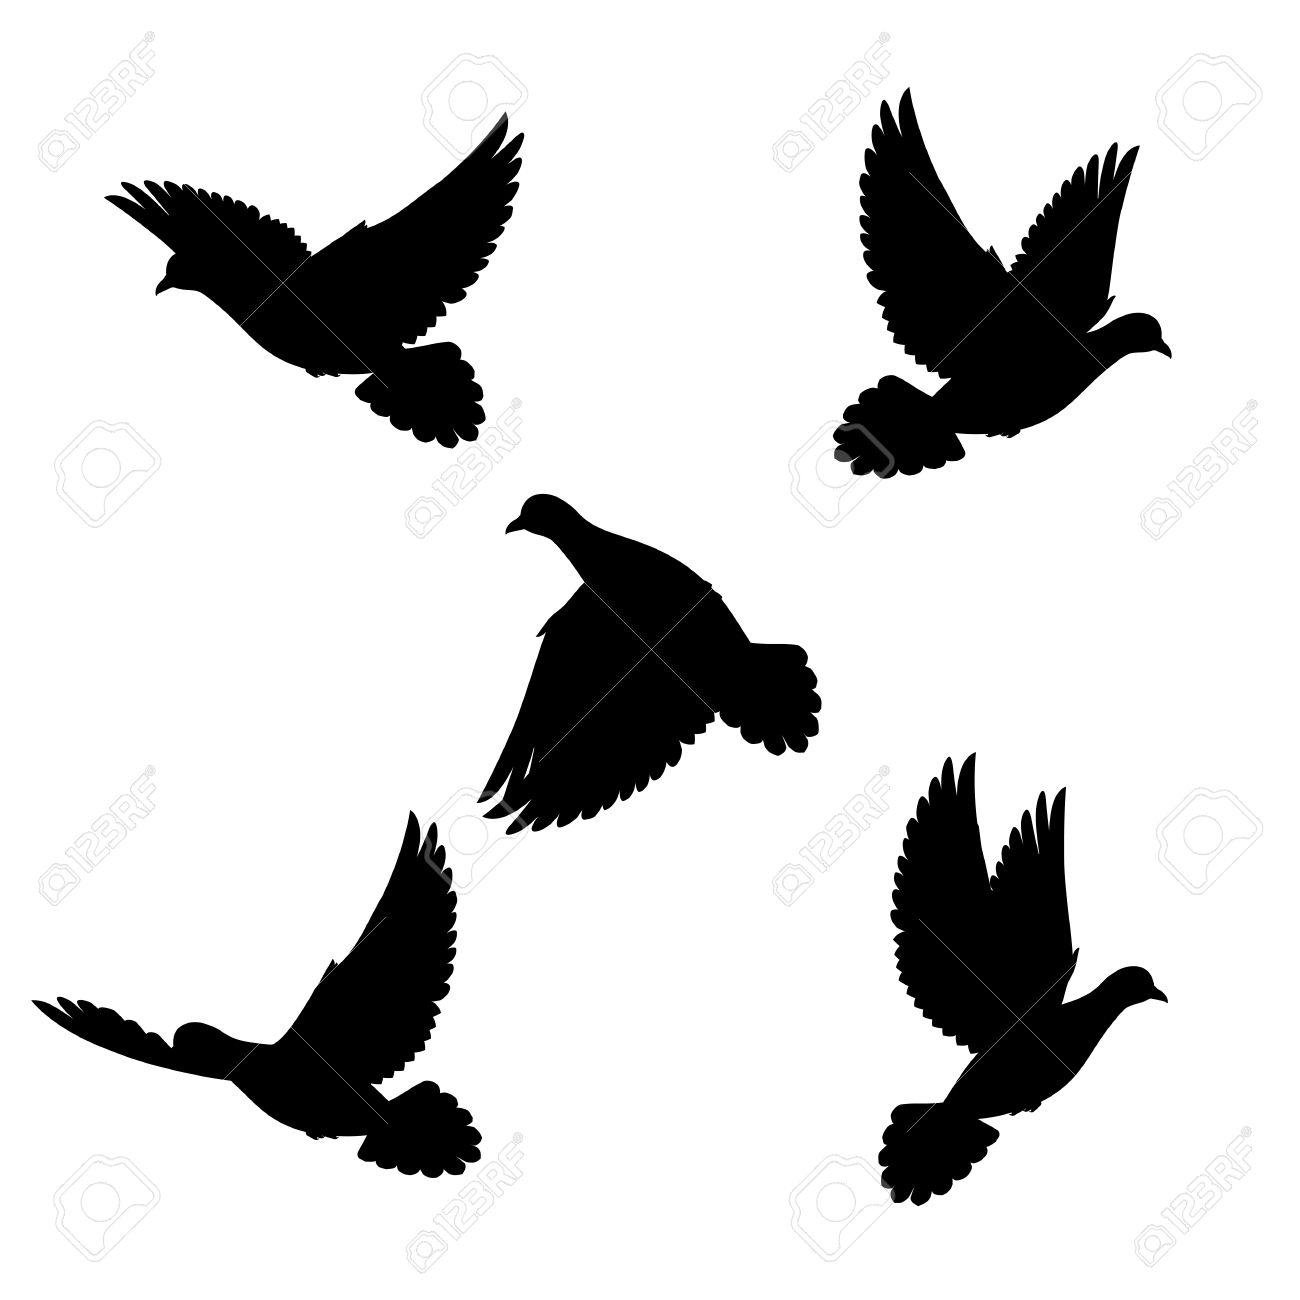 1300x1300 Drawn Dove Flight Silhouette